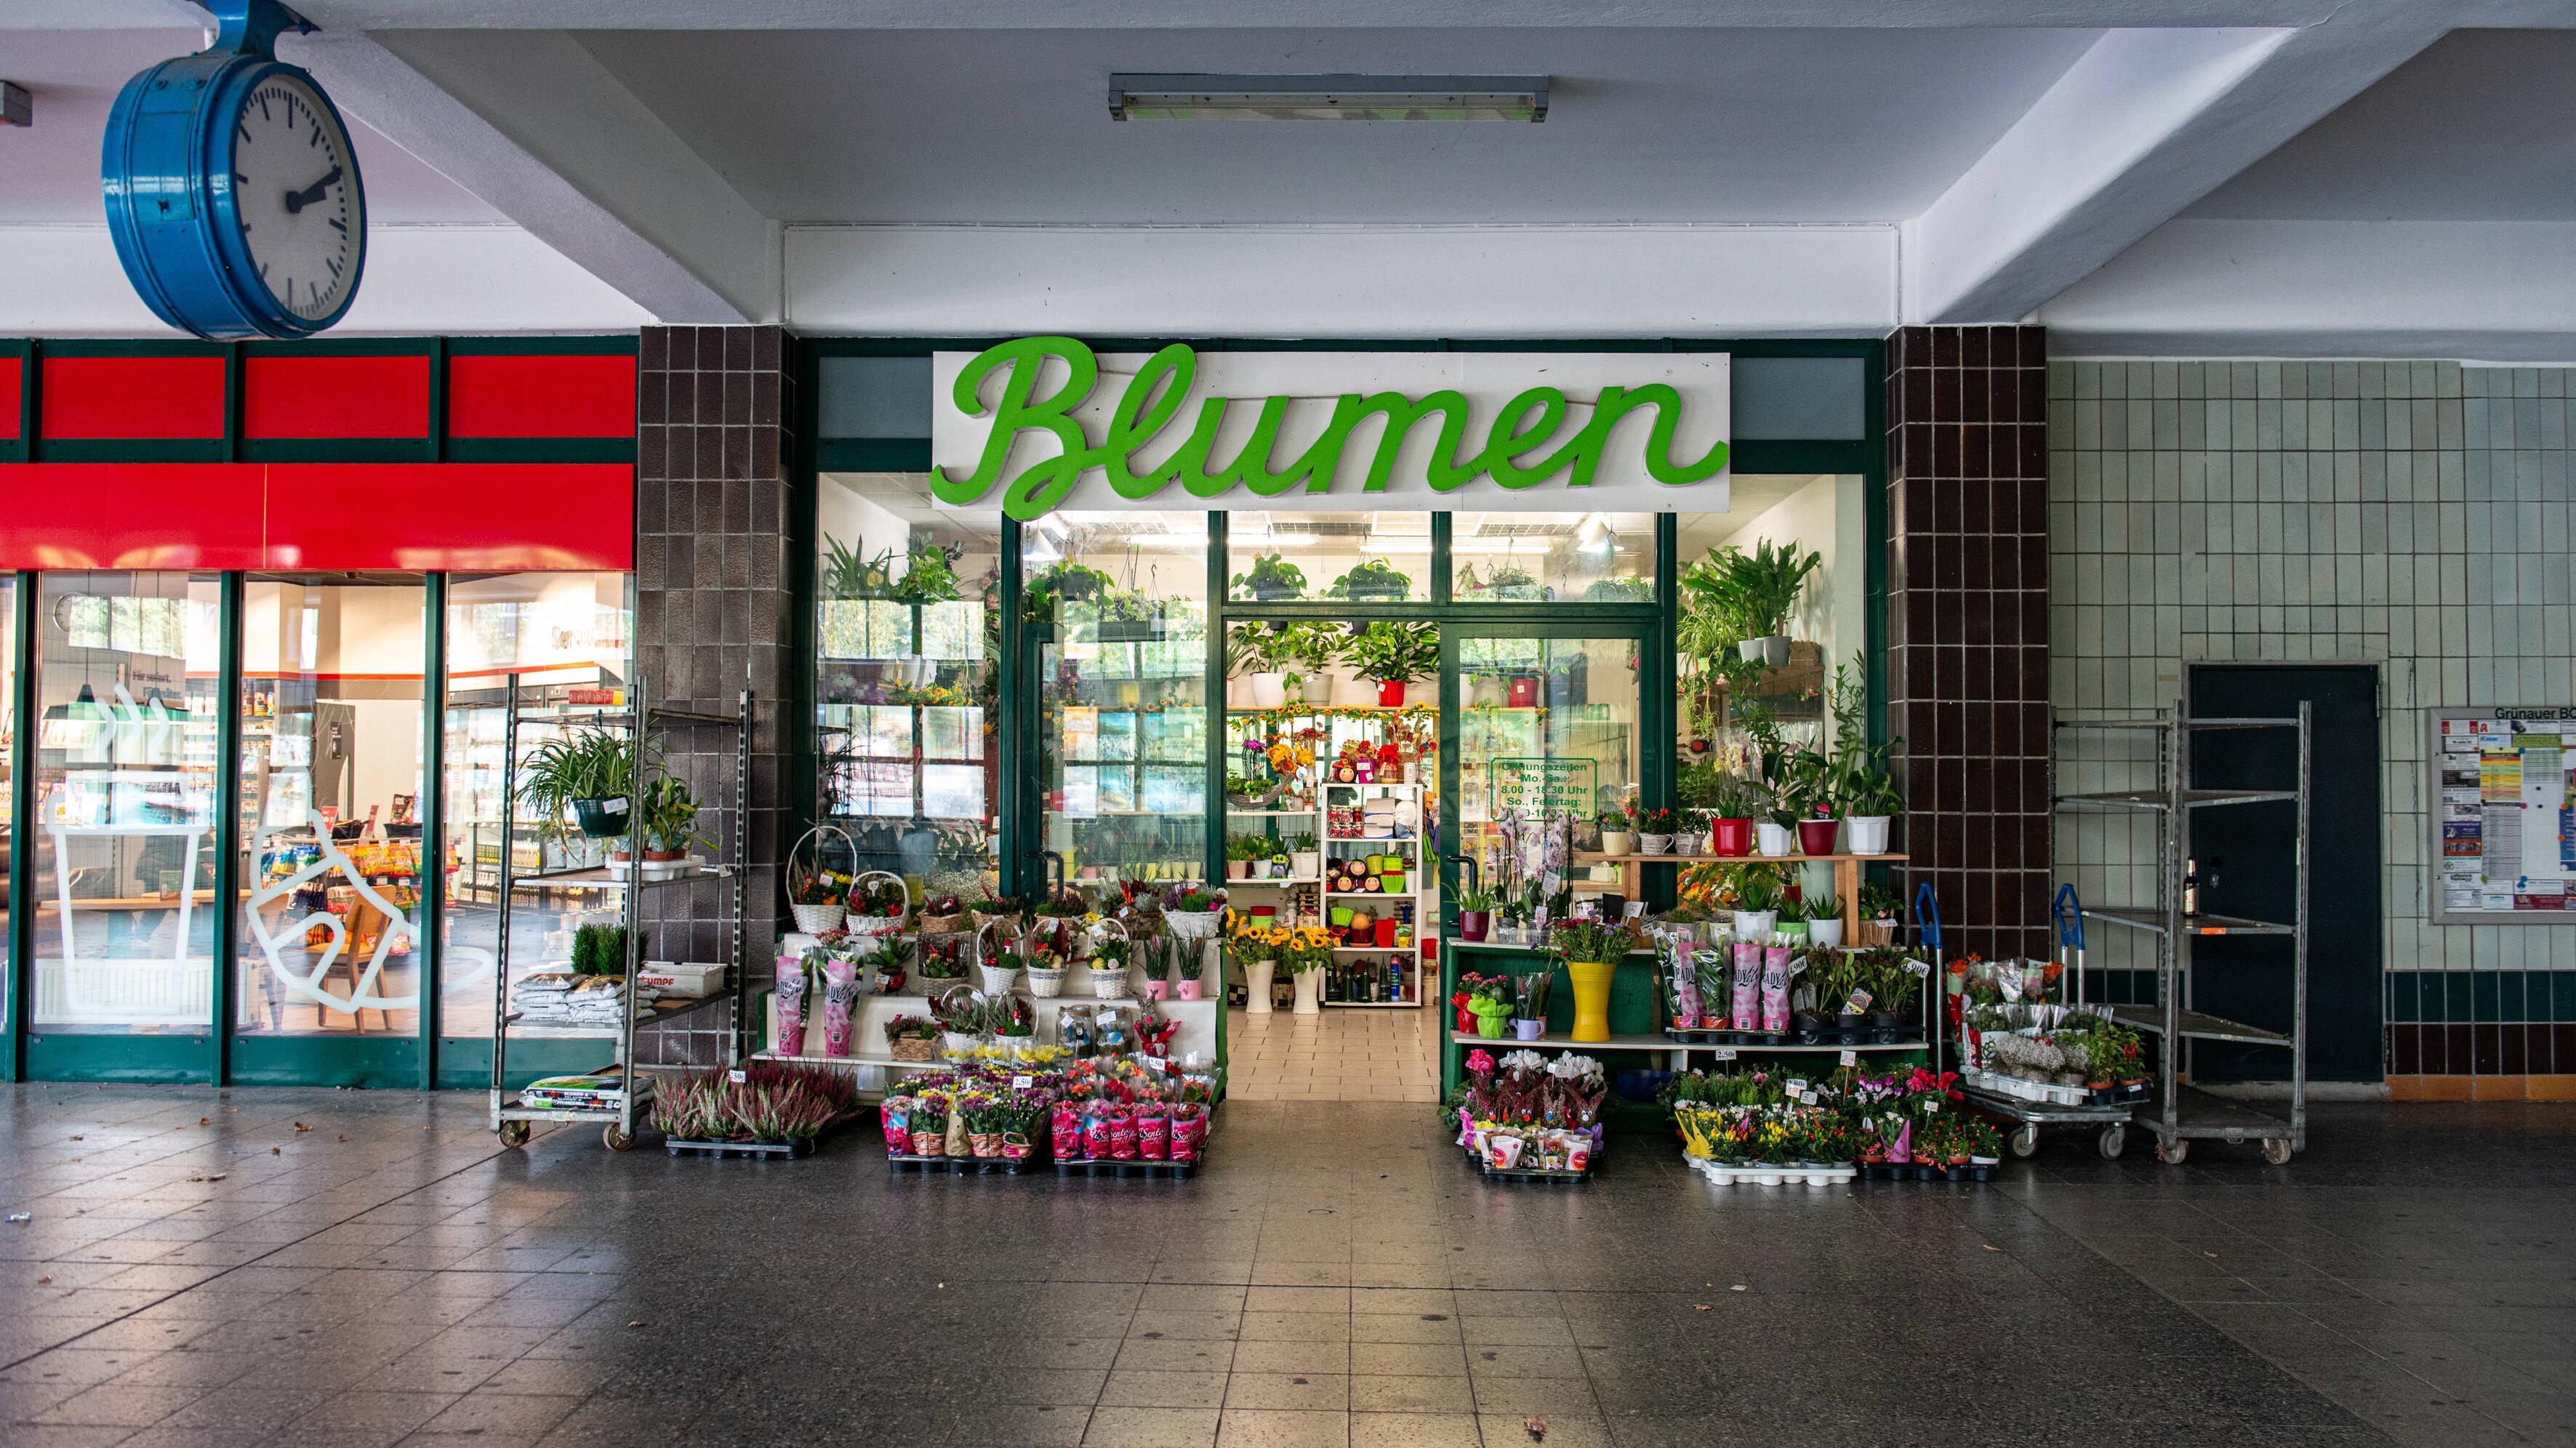 Auf Hauptbahnhöfen können Sie auch sonntags Blumen kaufen.